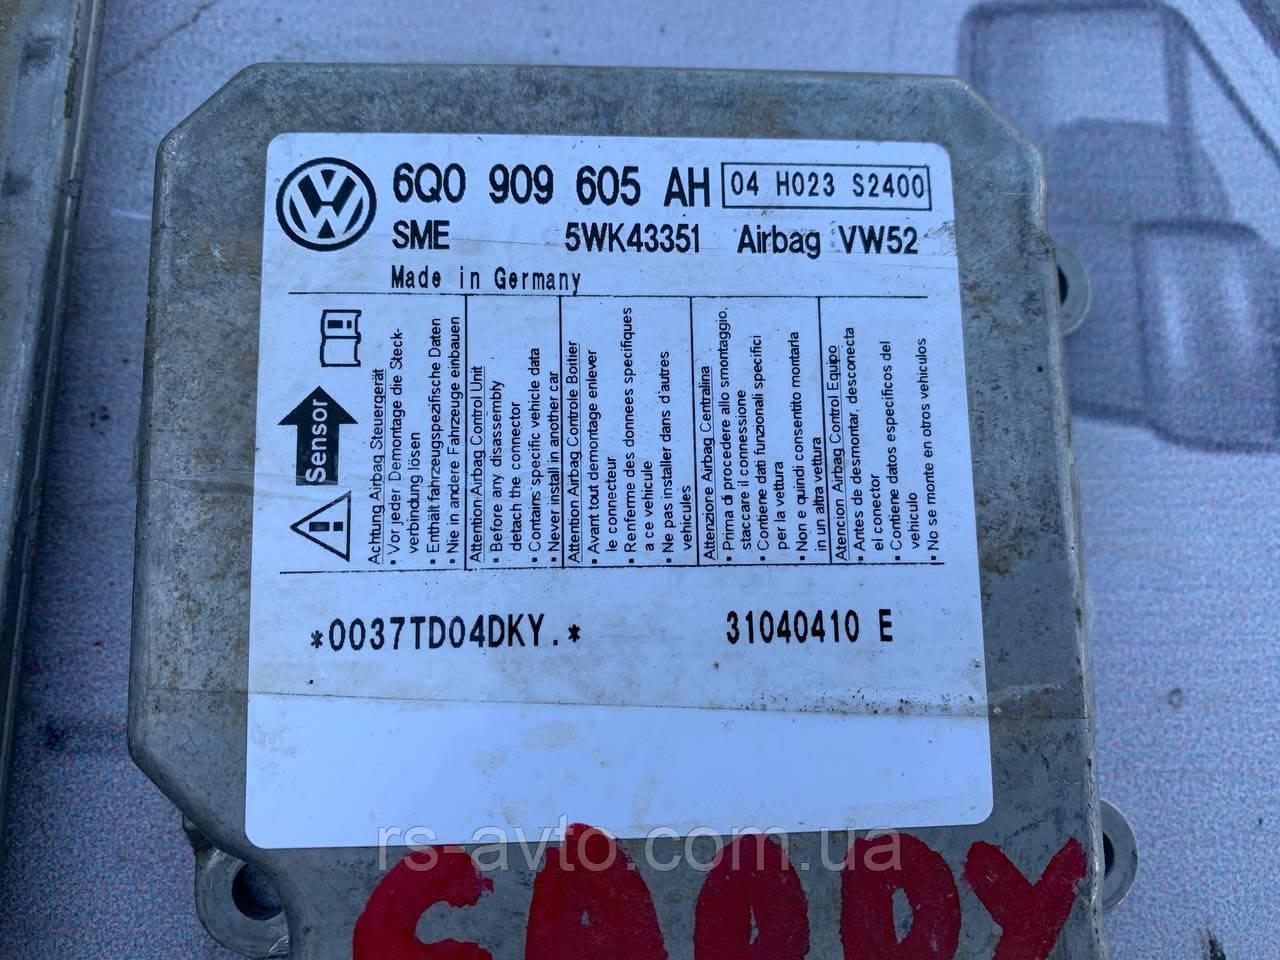 Блок управління AirBag для Skoda Octavia A5 Шкода Октавія VW Caddy 6Q0909605AH